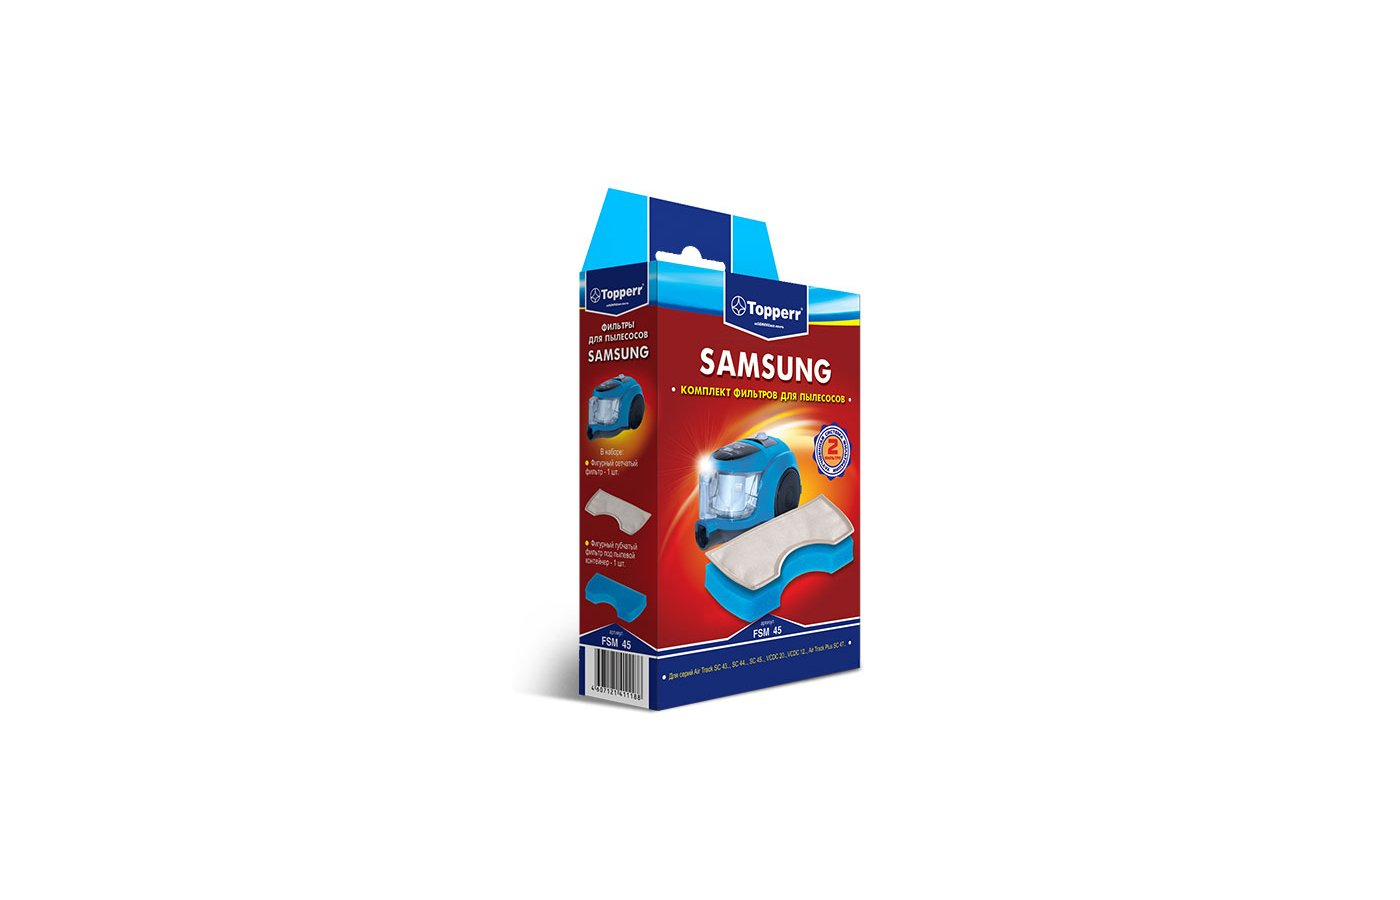 Фильтр для пылесоса TOPPERR 1111 FSM 45 комплект фильтров д/пылесоса Samsung